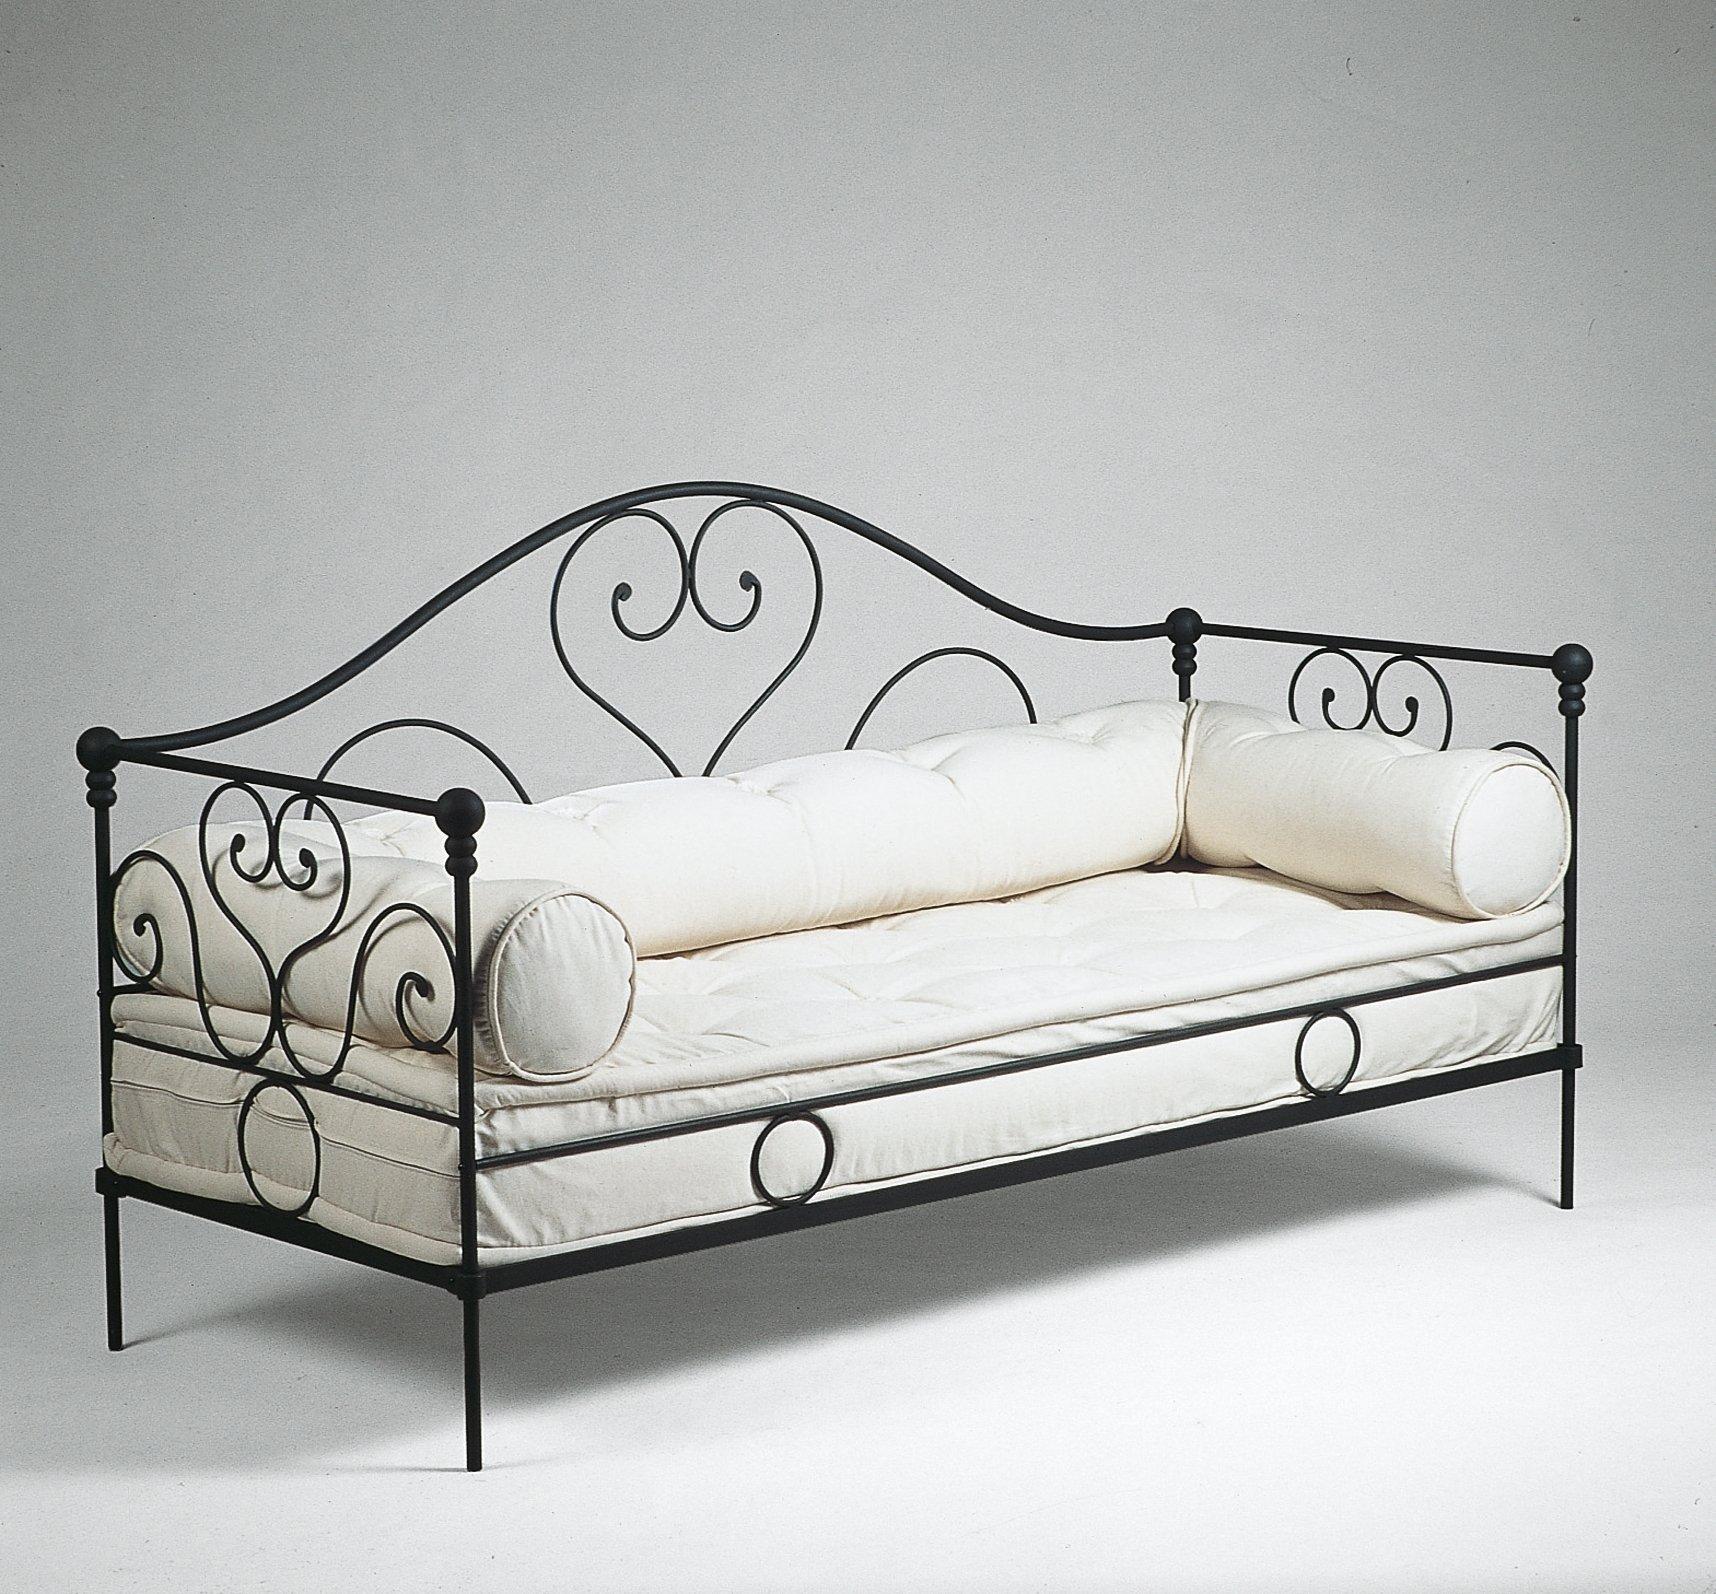 Divani e poltrone per esterni perfetti anche in casa cose di casa - Divano ferro battuto antico ...